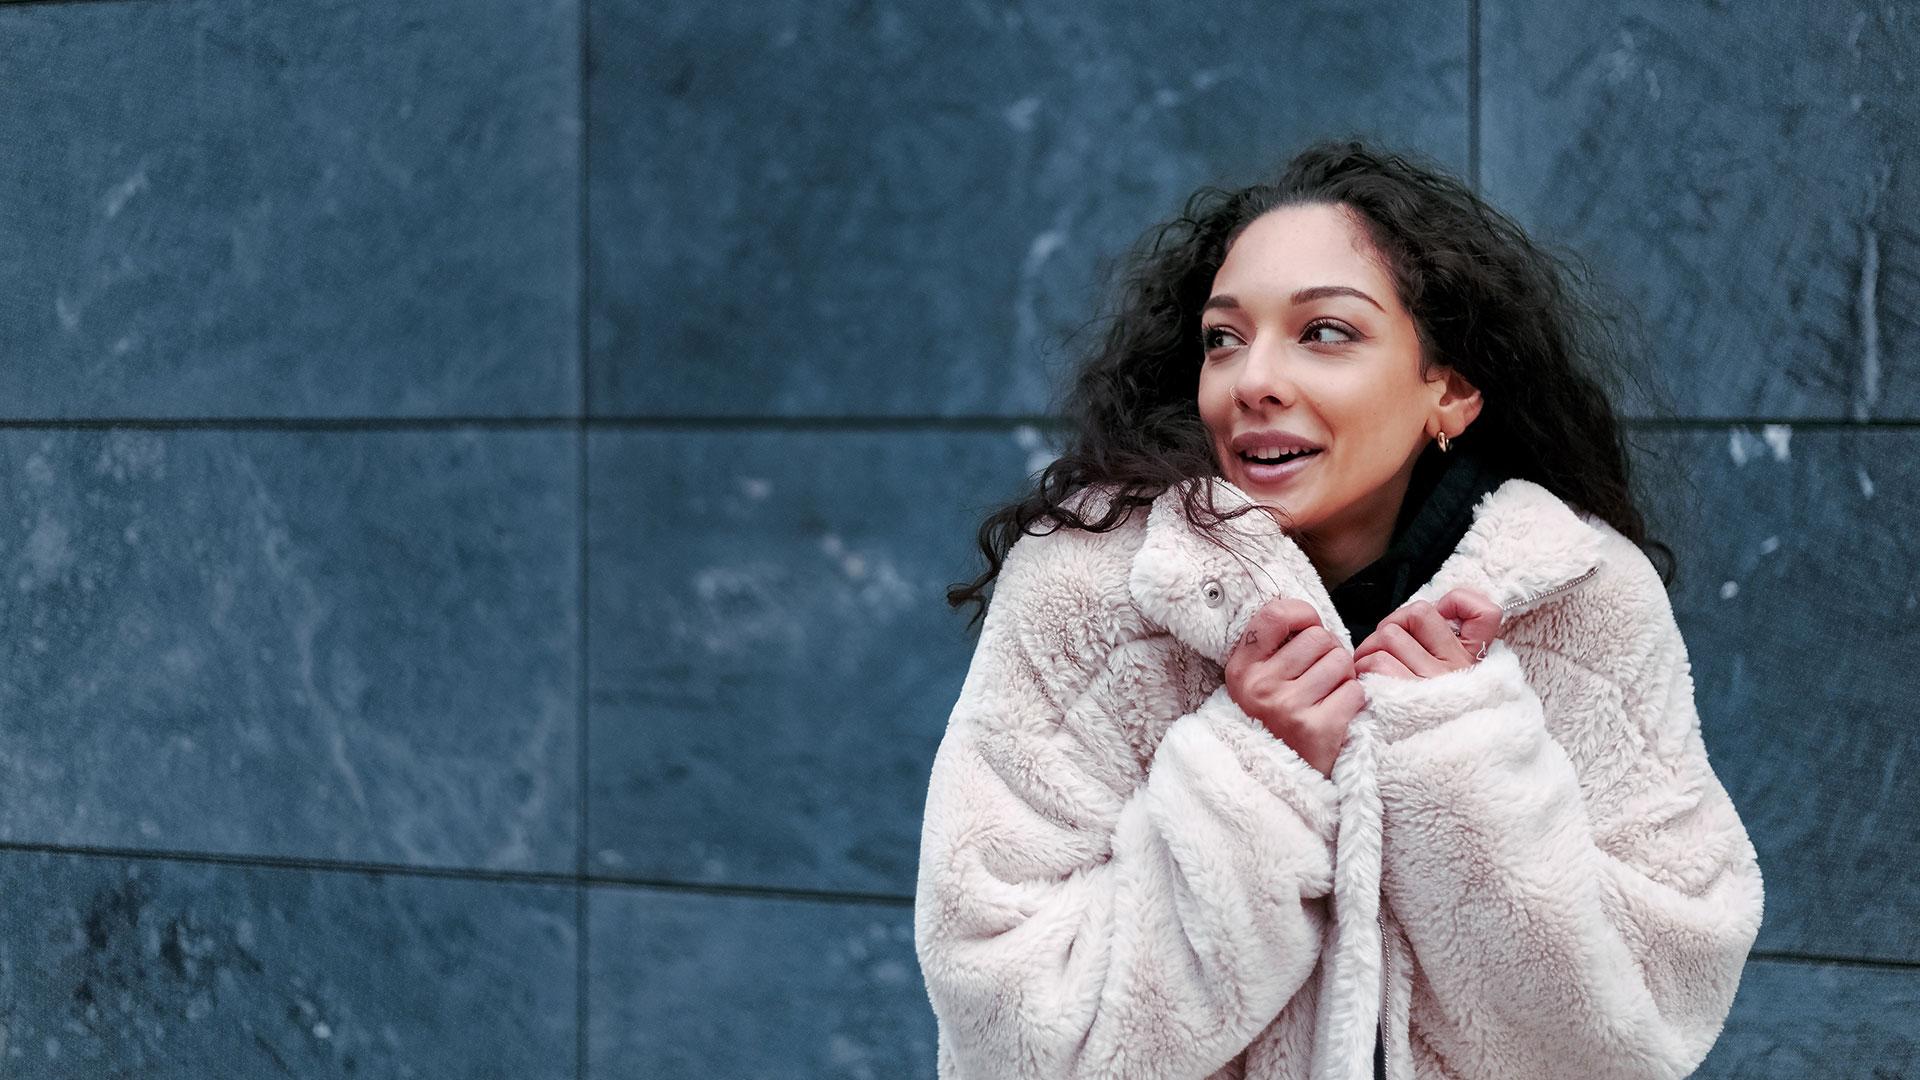 Tendenze moda per l'inverno da seguire